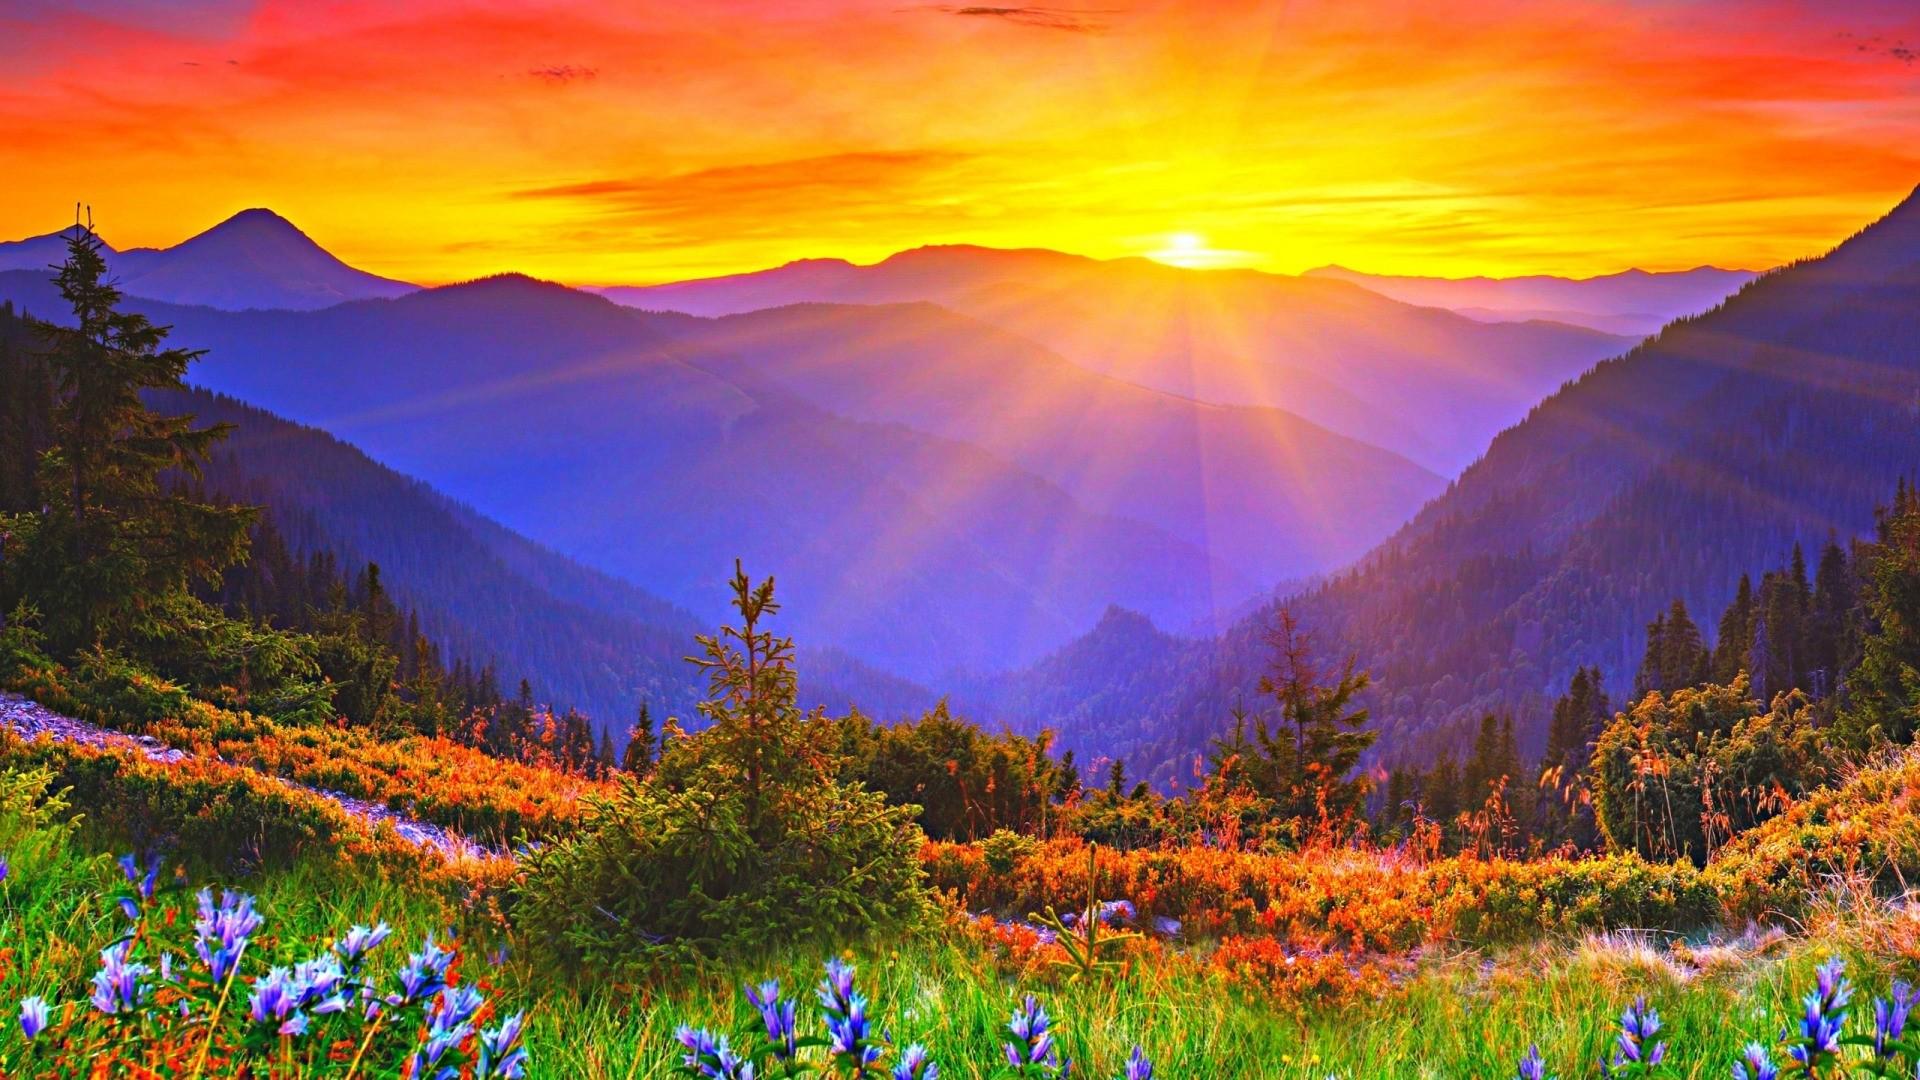 Sun hd desktop wallpaper